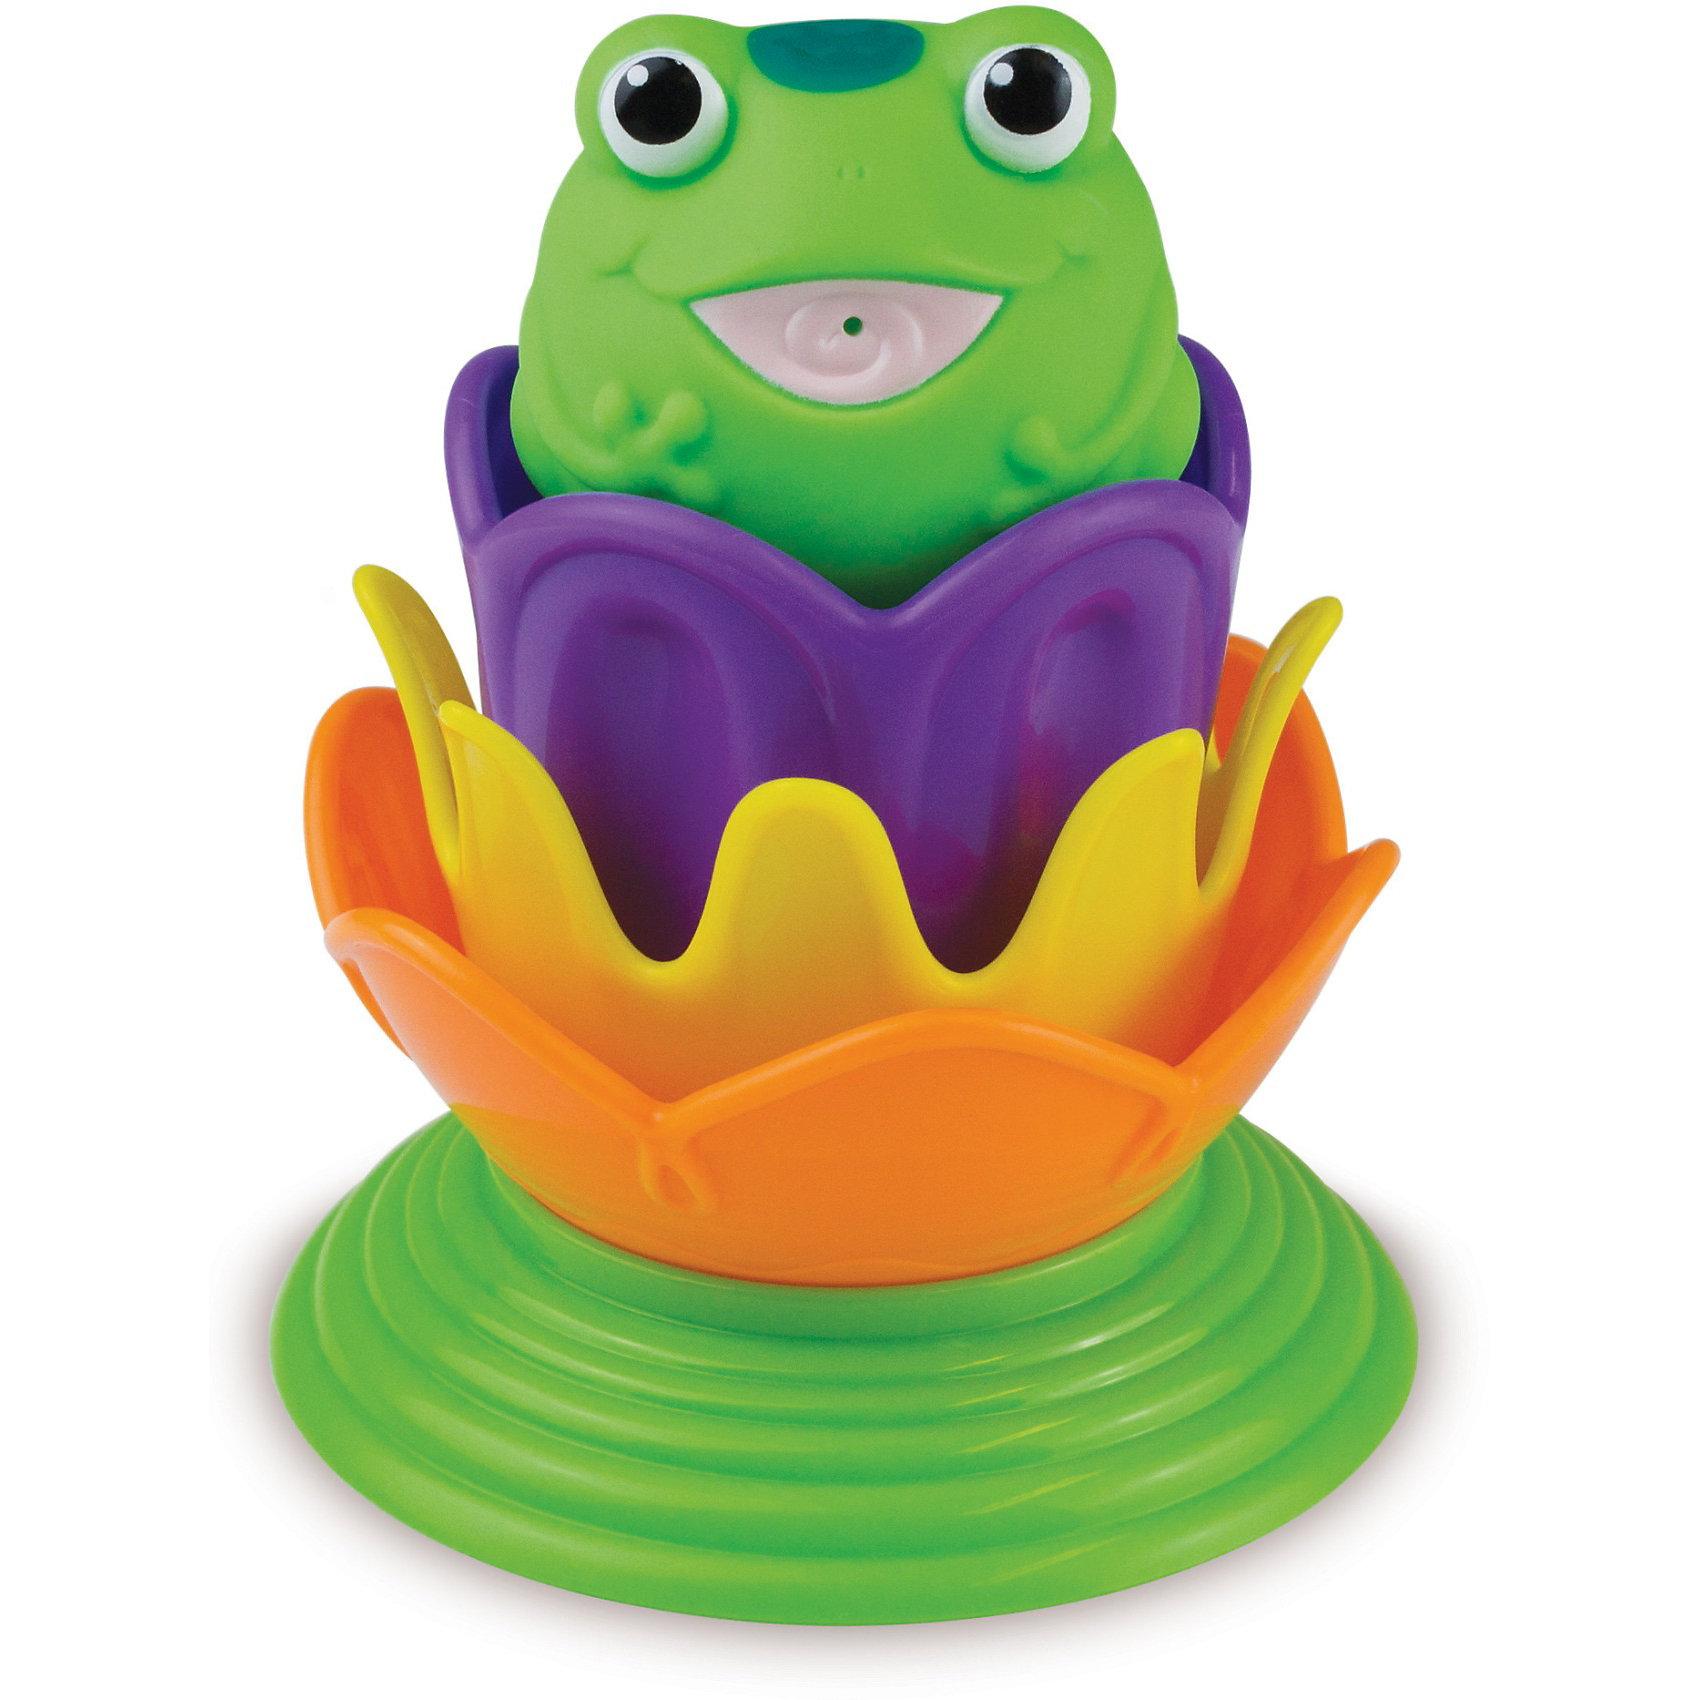 Игрушка для ванной Лягушка принцесса от 18мес., MunchkinИгрушка для купания MUNCHKIN Лягушка принцесса приведет в восторг каждого малыша. При погружении игрушки в теплую воду на трех лилиях-ситечках проявляются тайные изображения морских животных при погружении в теплую воду. А игрушка-брызгалка в виде лягушки превратится в принцессу, как только на ее голове появится корона.<br>Волшебные превращения не только развивают воображение, но и являются прекрасным способом развития понимания причинно-слественных связей.<br>Игрушка позволяет производить различные действия с водой - процеживать, брызгаться и т.д. - чистое удовольствие для ребенка в ванной. Все, чтобы сделать время, проведенное в ванной, волшебным. <br>Еще одна игровая функция лягушки-принцессы - пирамидка, котораяскладывается из красочных деталей. Располагая предметы в правильном порядке, ребенок получает представление о размере, форме и цвете.<br><br>Дополнительная информация:&#13;<br>&#13;<br>- под воздействием теплой воды проявляются волшебные рисунки<br>- цвета возвращаются к первоначальным, когда игрушка высыхает<br>- сразу два персонажа в одной игрушке: лягушка и лягушка-принцесса<br>- материал: пластик&#13;<br>- размеры: 10 х 10 х 12,5 см&#13;<br><br>Игрушку для ванной Лягушка принцесса от 18мес., Munchkin можно купить в нашем магазине.<br><br>Ширина мм: 177<br>Глубина мм: 140<br>Высота мм: 100<br>Вес г: 125<br>Возраст от месяцев: 12<br>Возраст до месяцев: 48<br>Пол: Женский<br>Возраст: Детский<br>SKU: 3717334